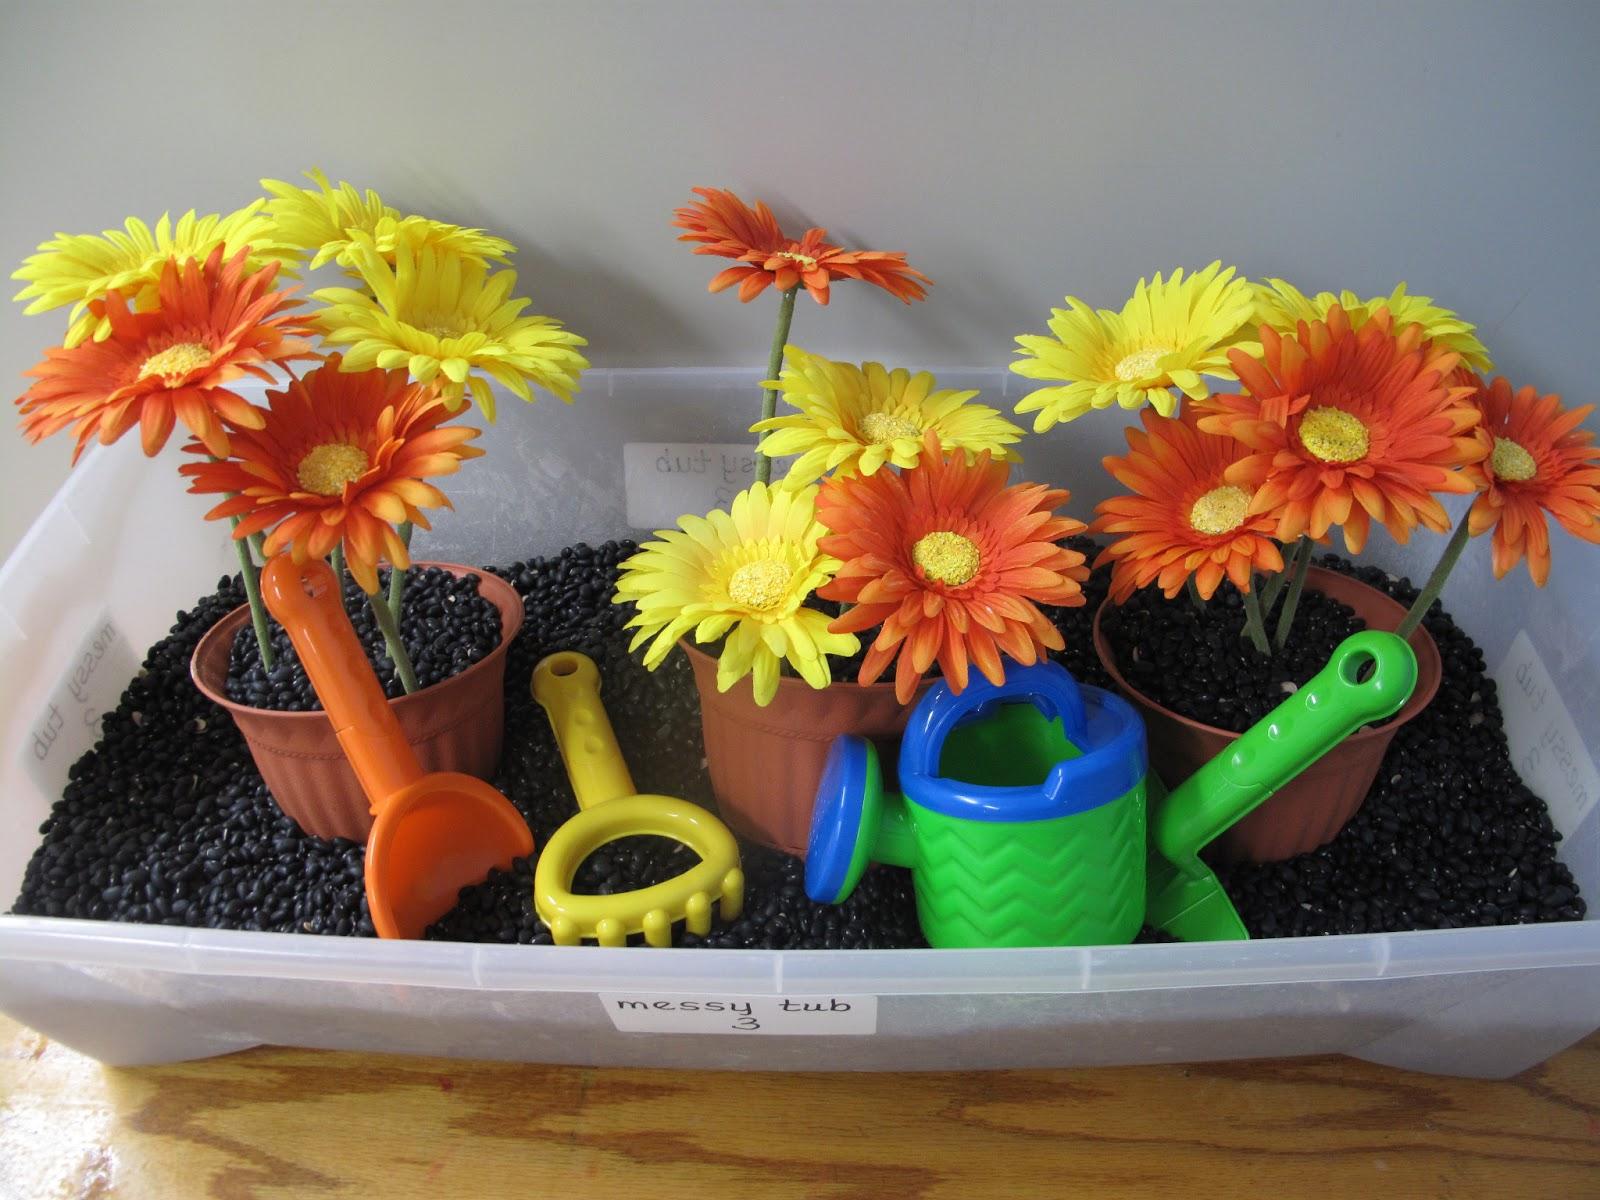 Metamora community preschool how does your garden grow for Gardening tools preschool